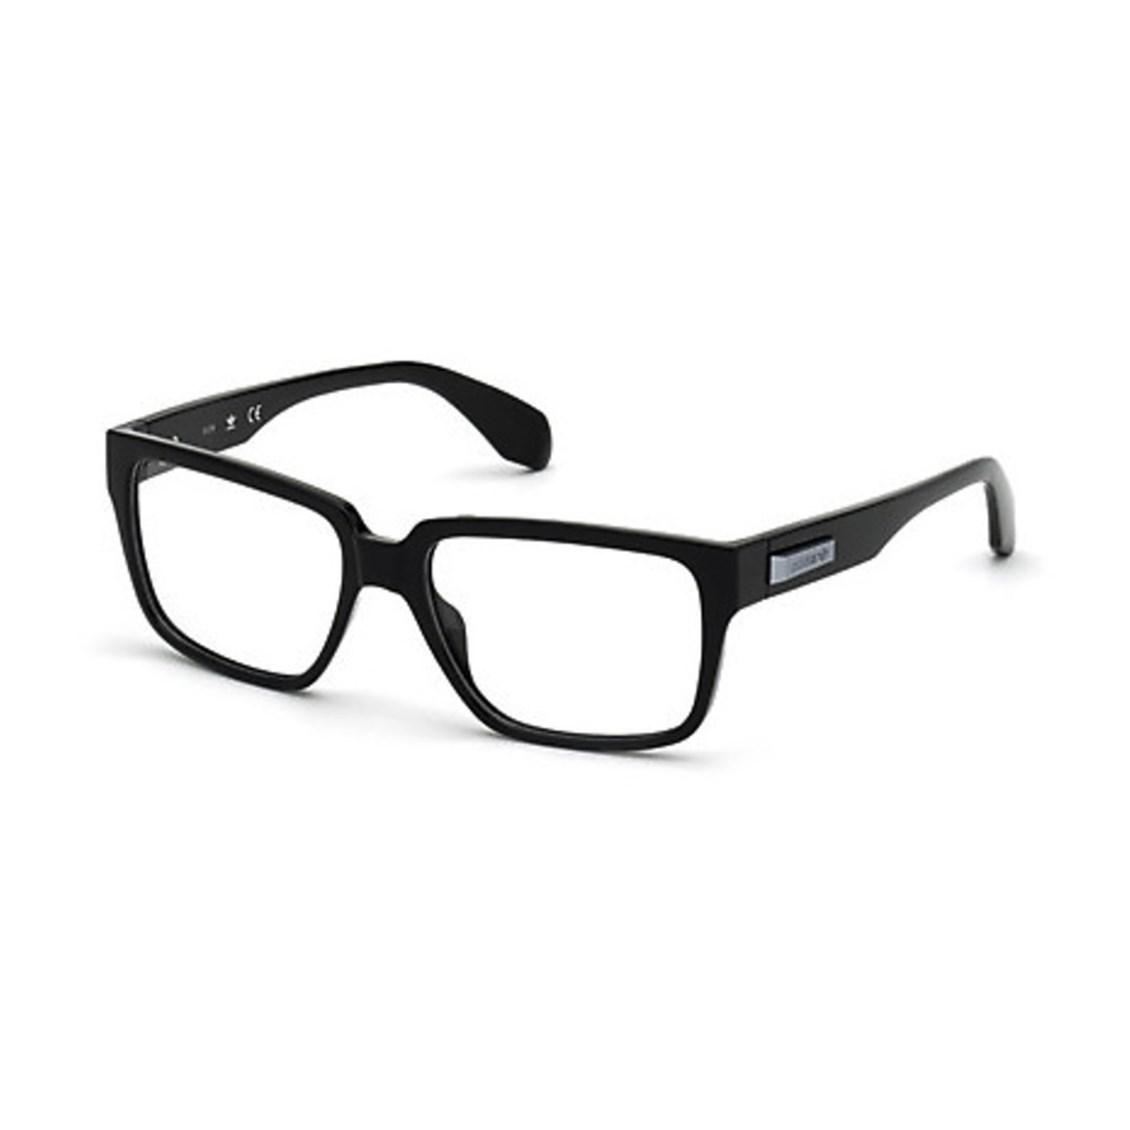 Óculos de Grau Adidas OR5005 001-55